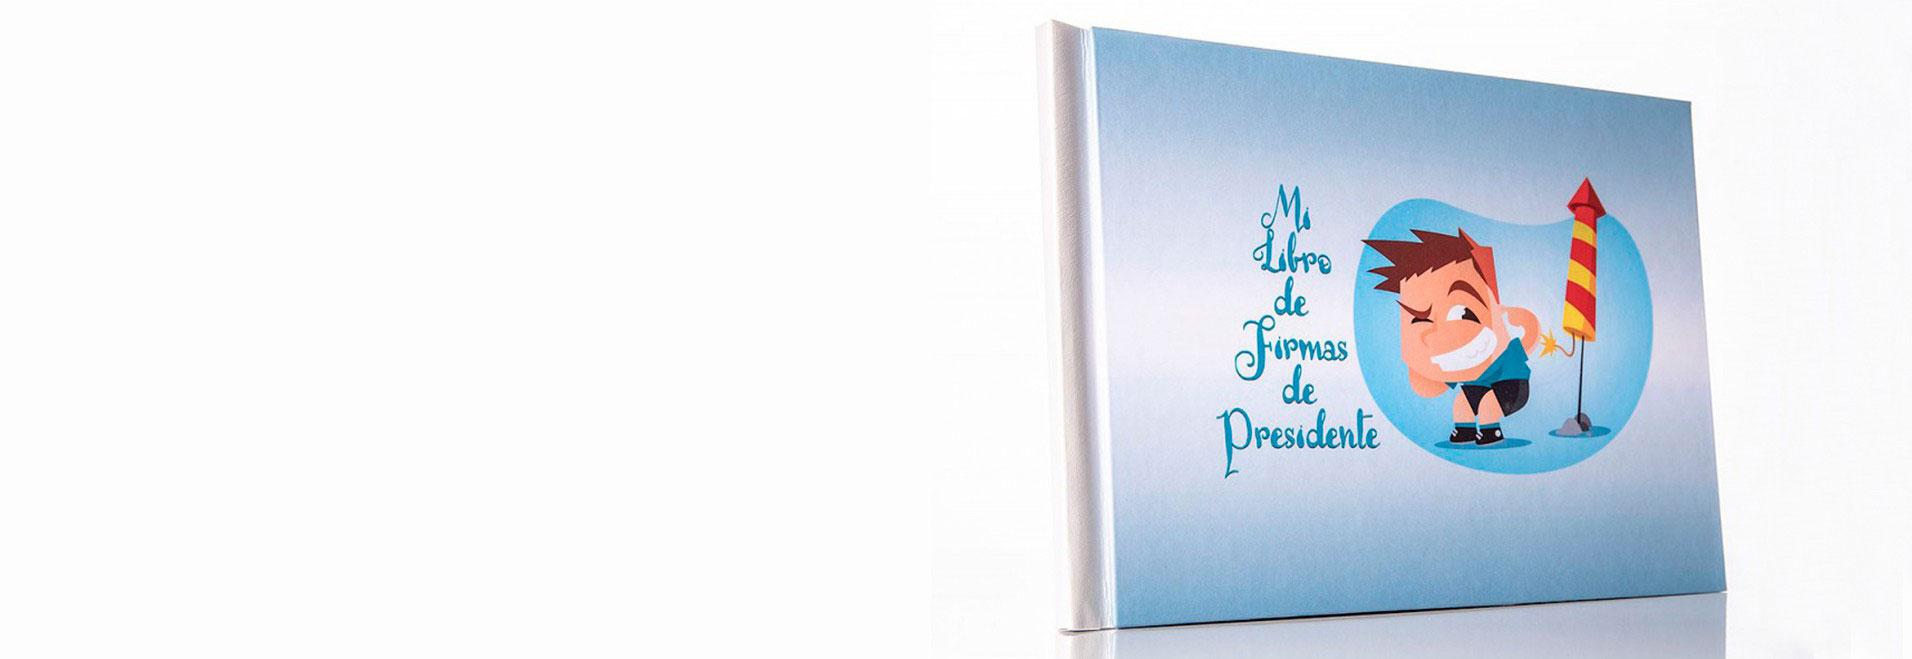 libro de firmas para presidente